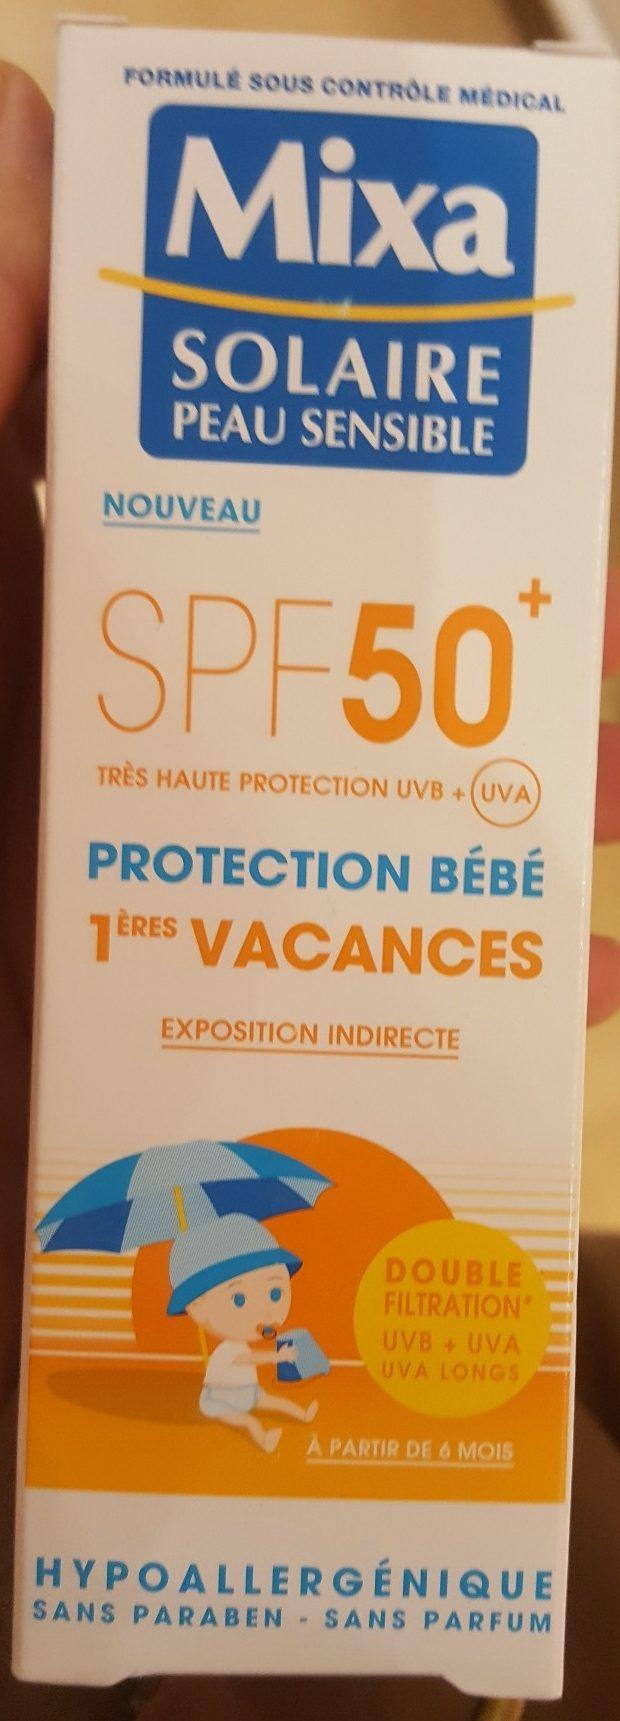 Lait Solaire Protection Bebe 1ères Vacances Spf50+ - Product - fr